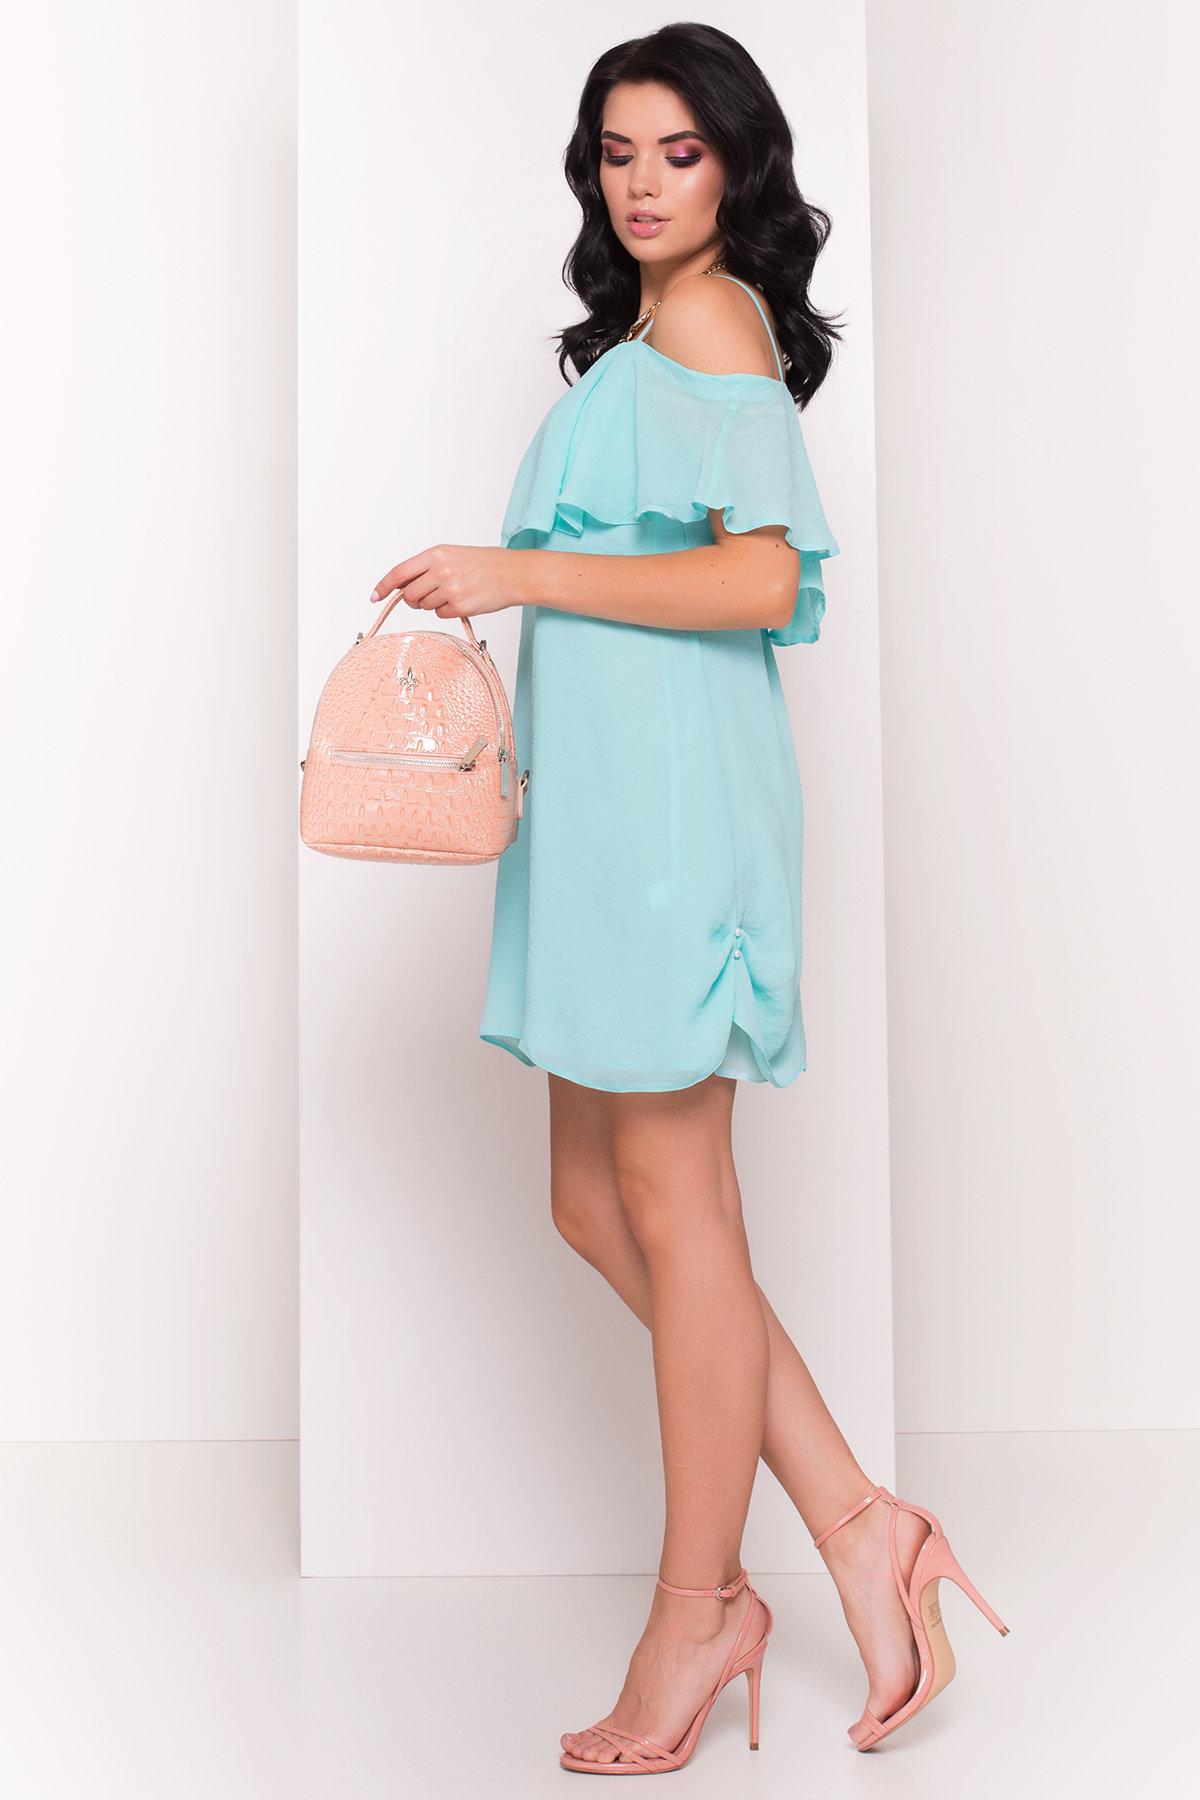 TW Платье Восток 5123 АРТ. 35974 Цвет: Мята - фото 3, интернет магазин tm-modus.ru